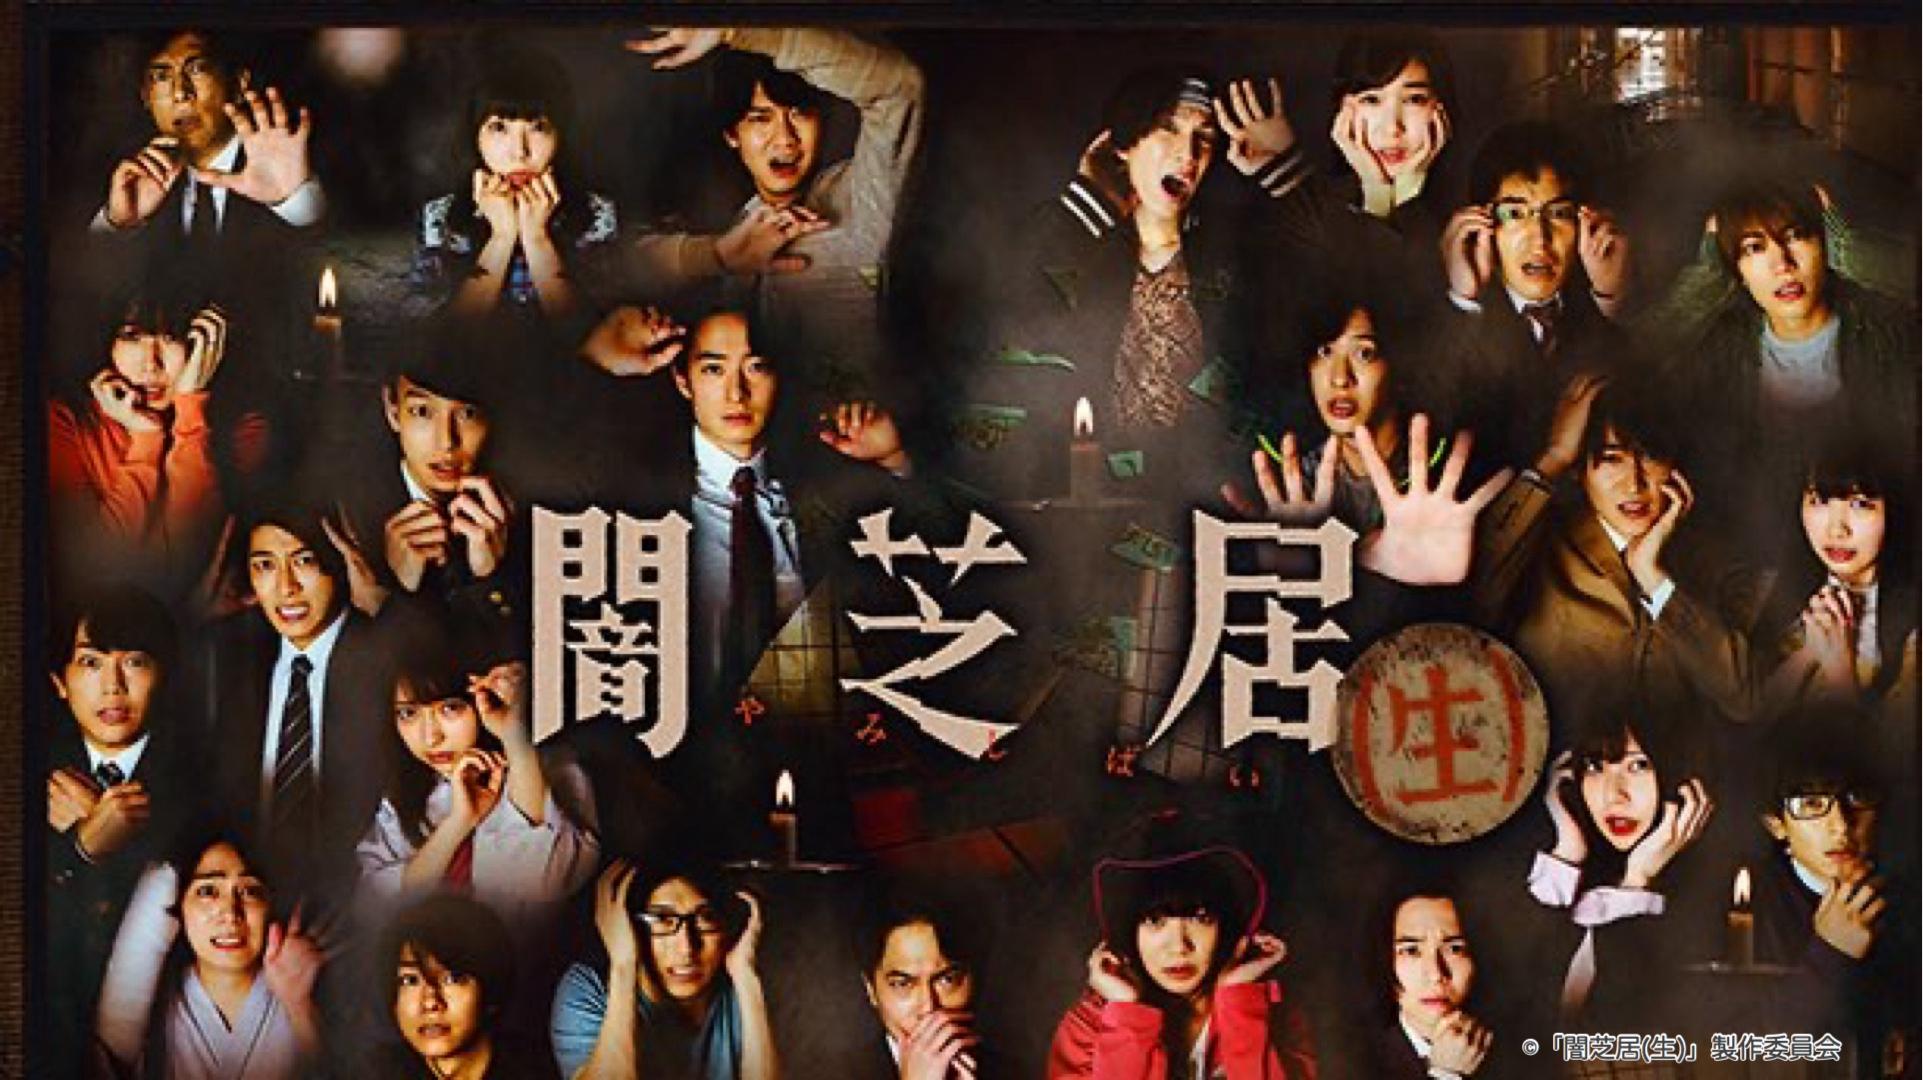 恐怖动画名作《暗芝居》确定制作日剧 9月正式开播